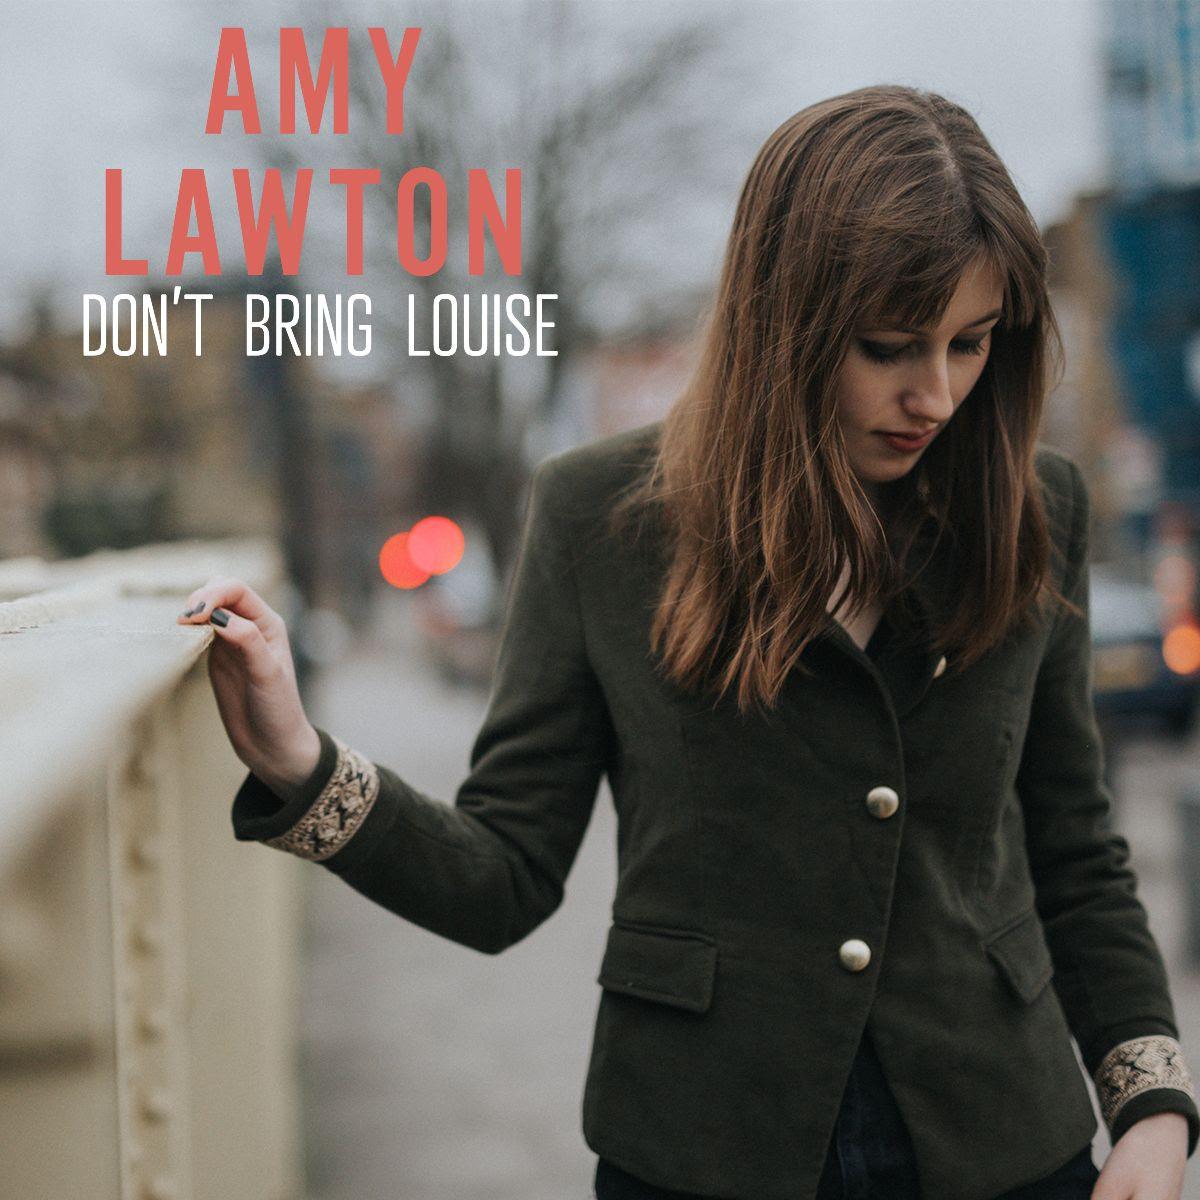 Amy Lawton